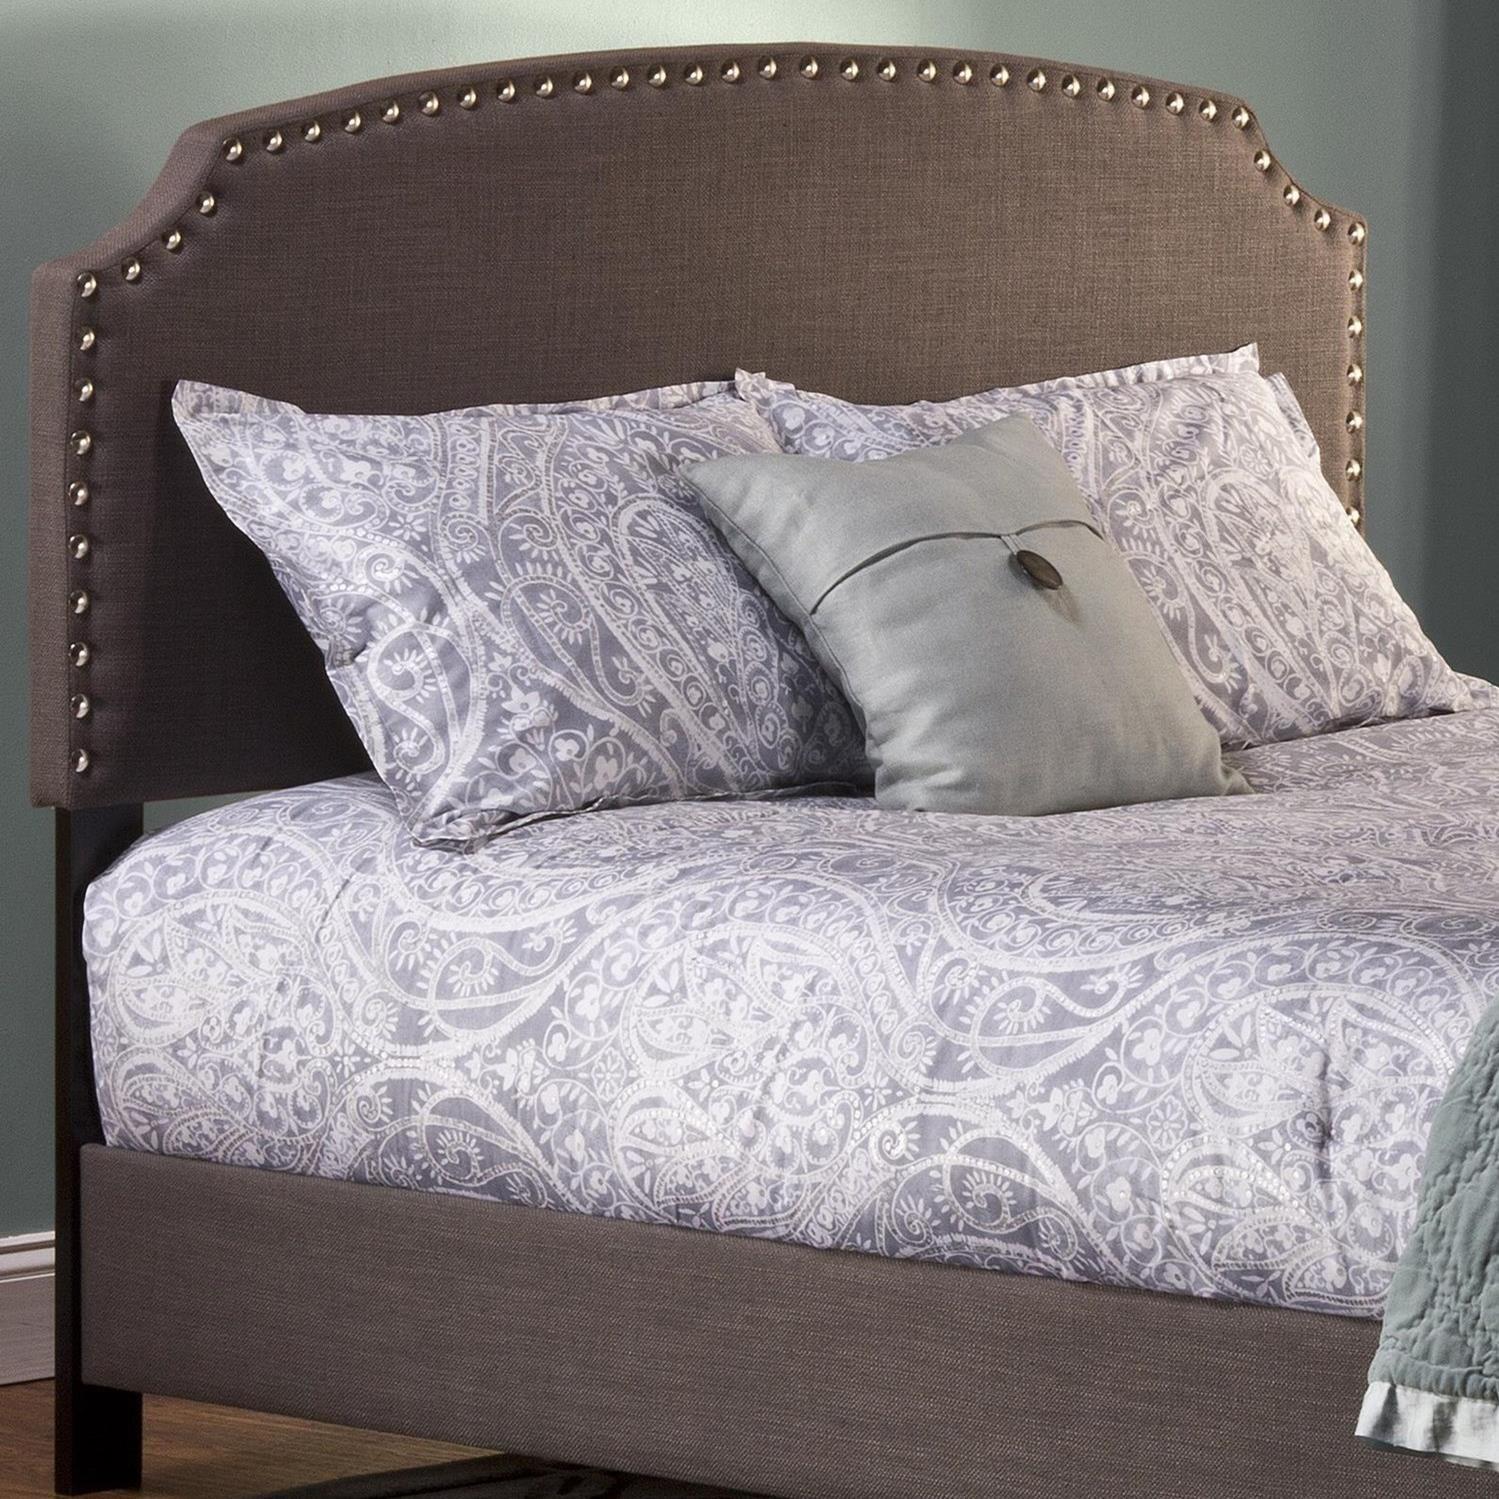 Hillsdale Upholstered Beds King Lani Headboard - Item Number: 1116-671